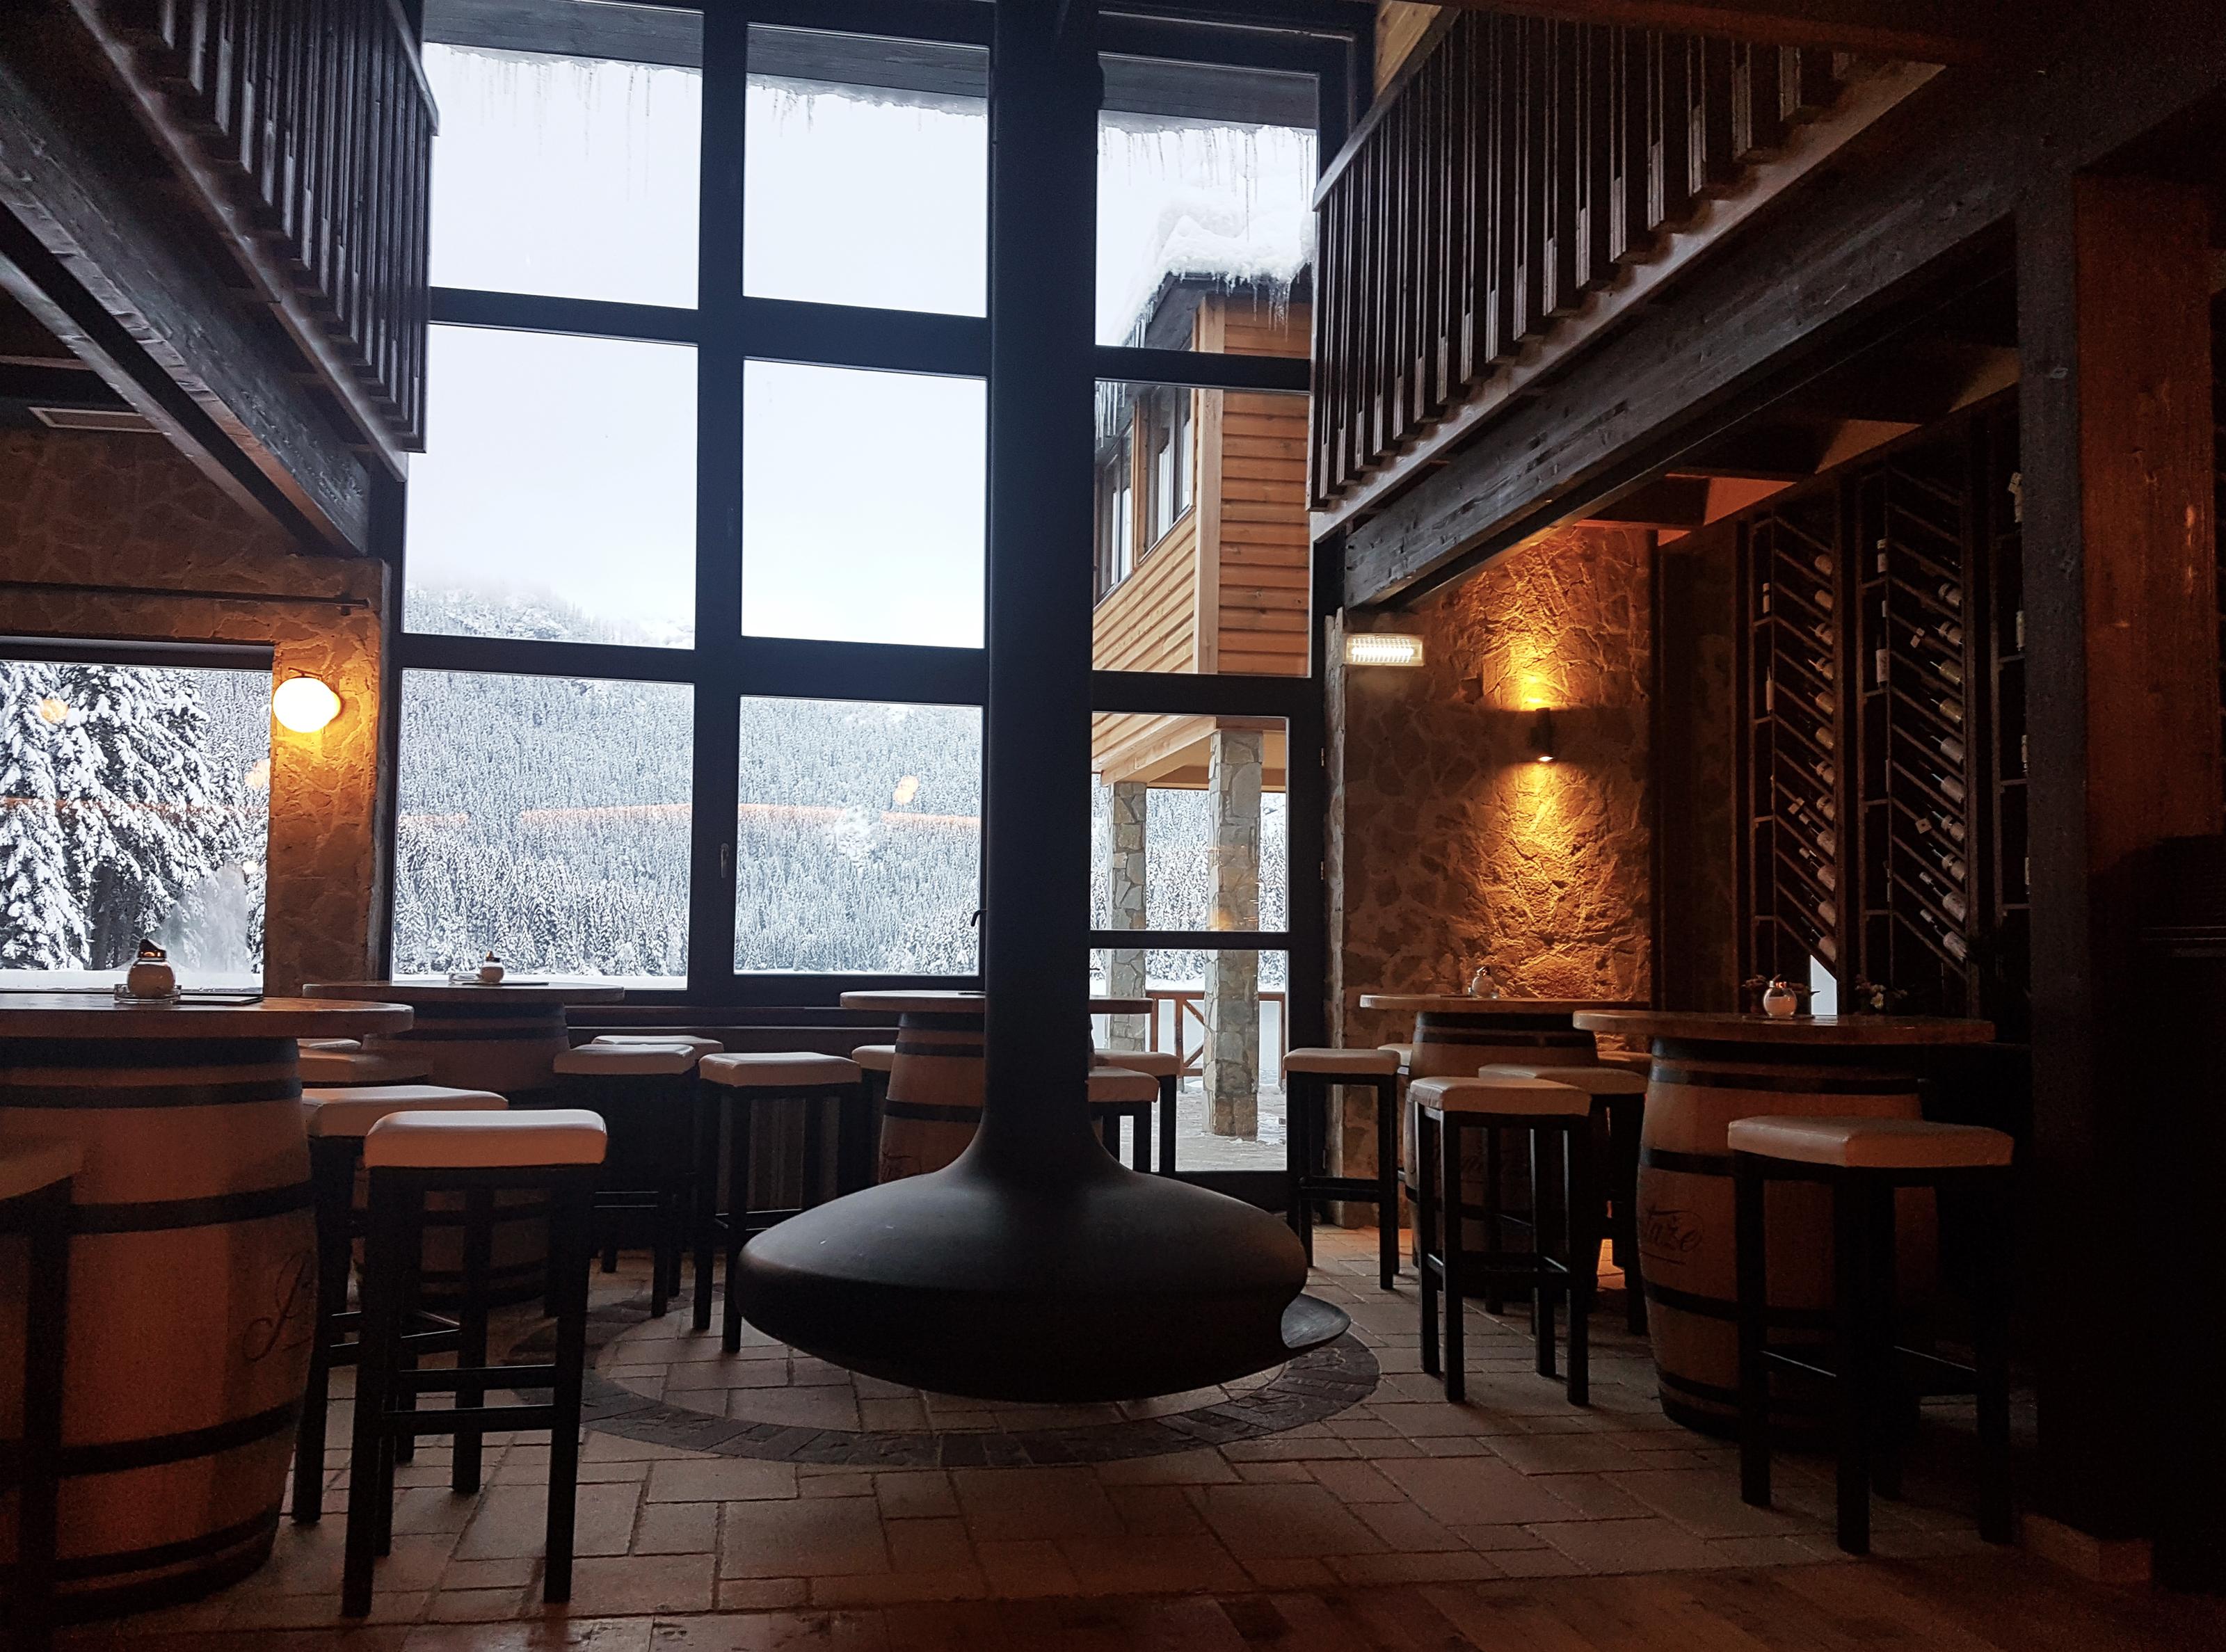 Restoran Crno jezero